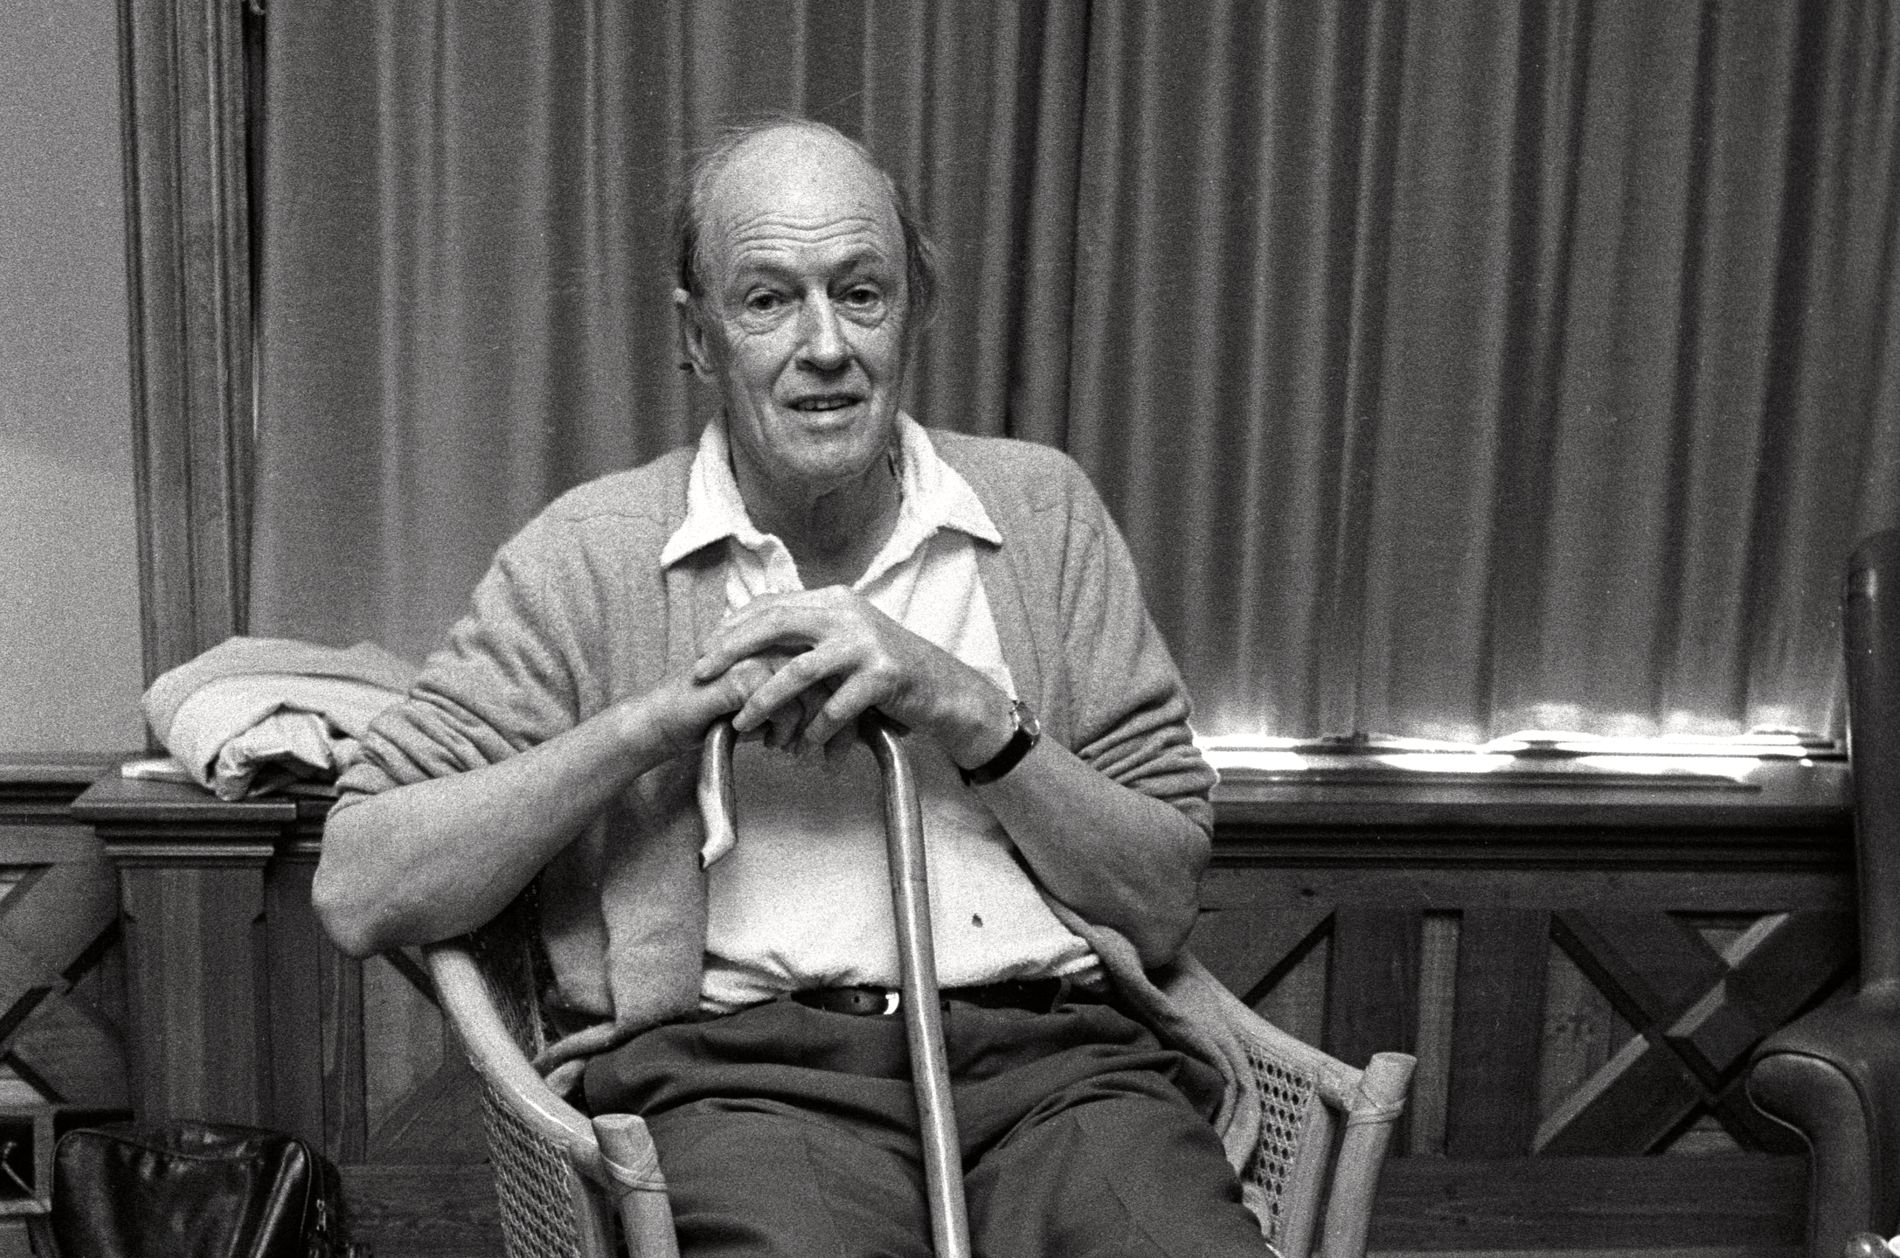 NORSK: Roald Dahl ble født og vokste opp i Storbritannia, men begge foreldrene var utvandrere fra Norge. Nå skal hans magiske verden få nytt liv hos strømmegiganten Netflix.